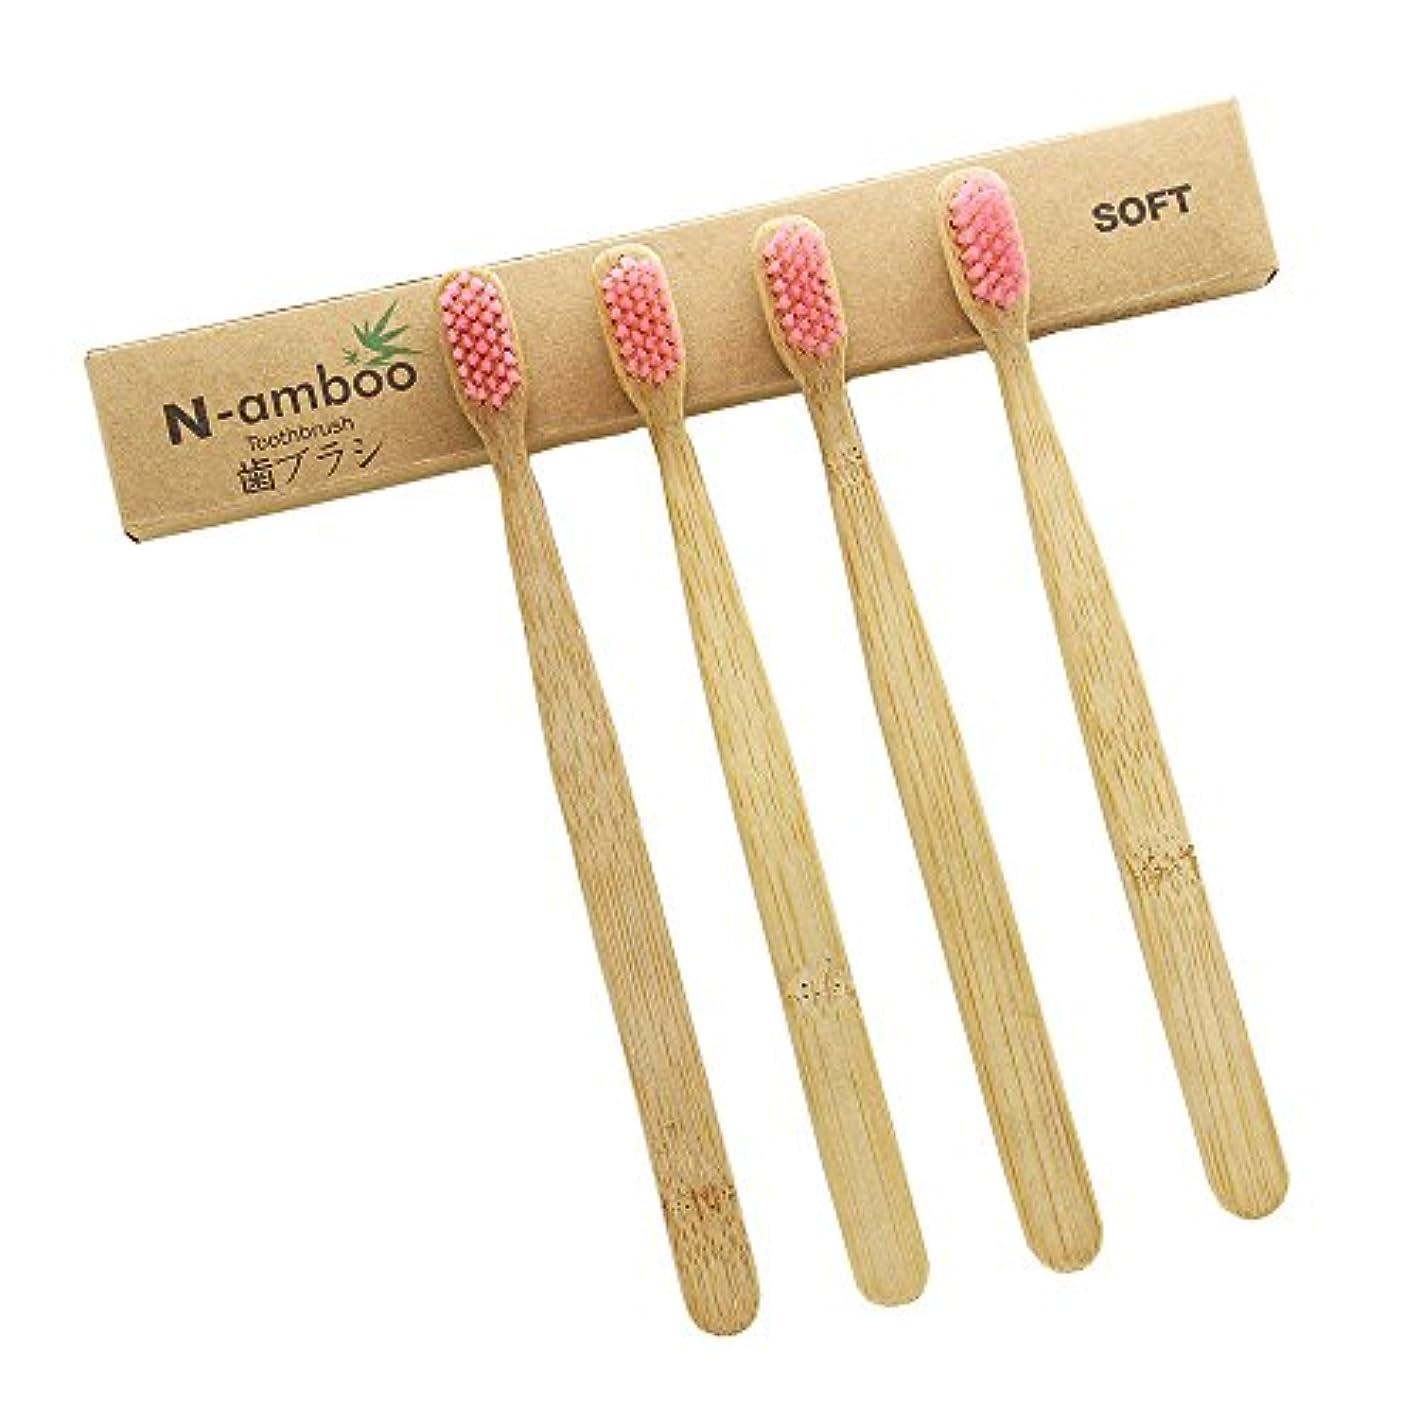 頬保存建築N-amboo 竹製 歯ブラシ 高耐久性 ピンク エコ 色あざやか (4本)